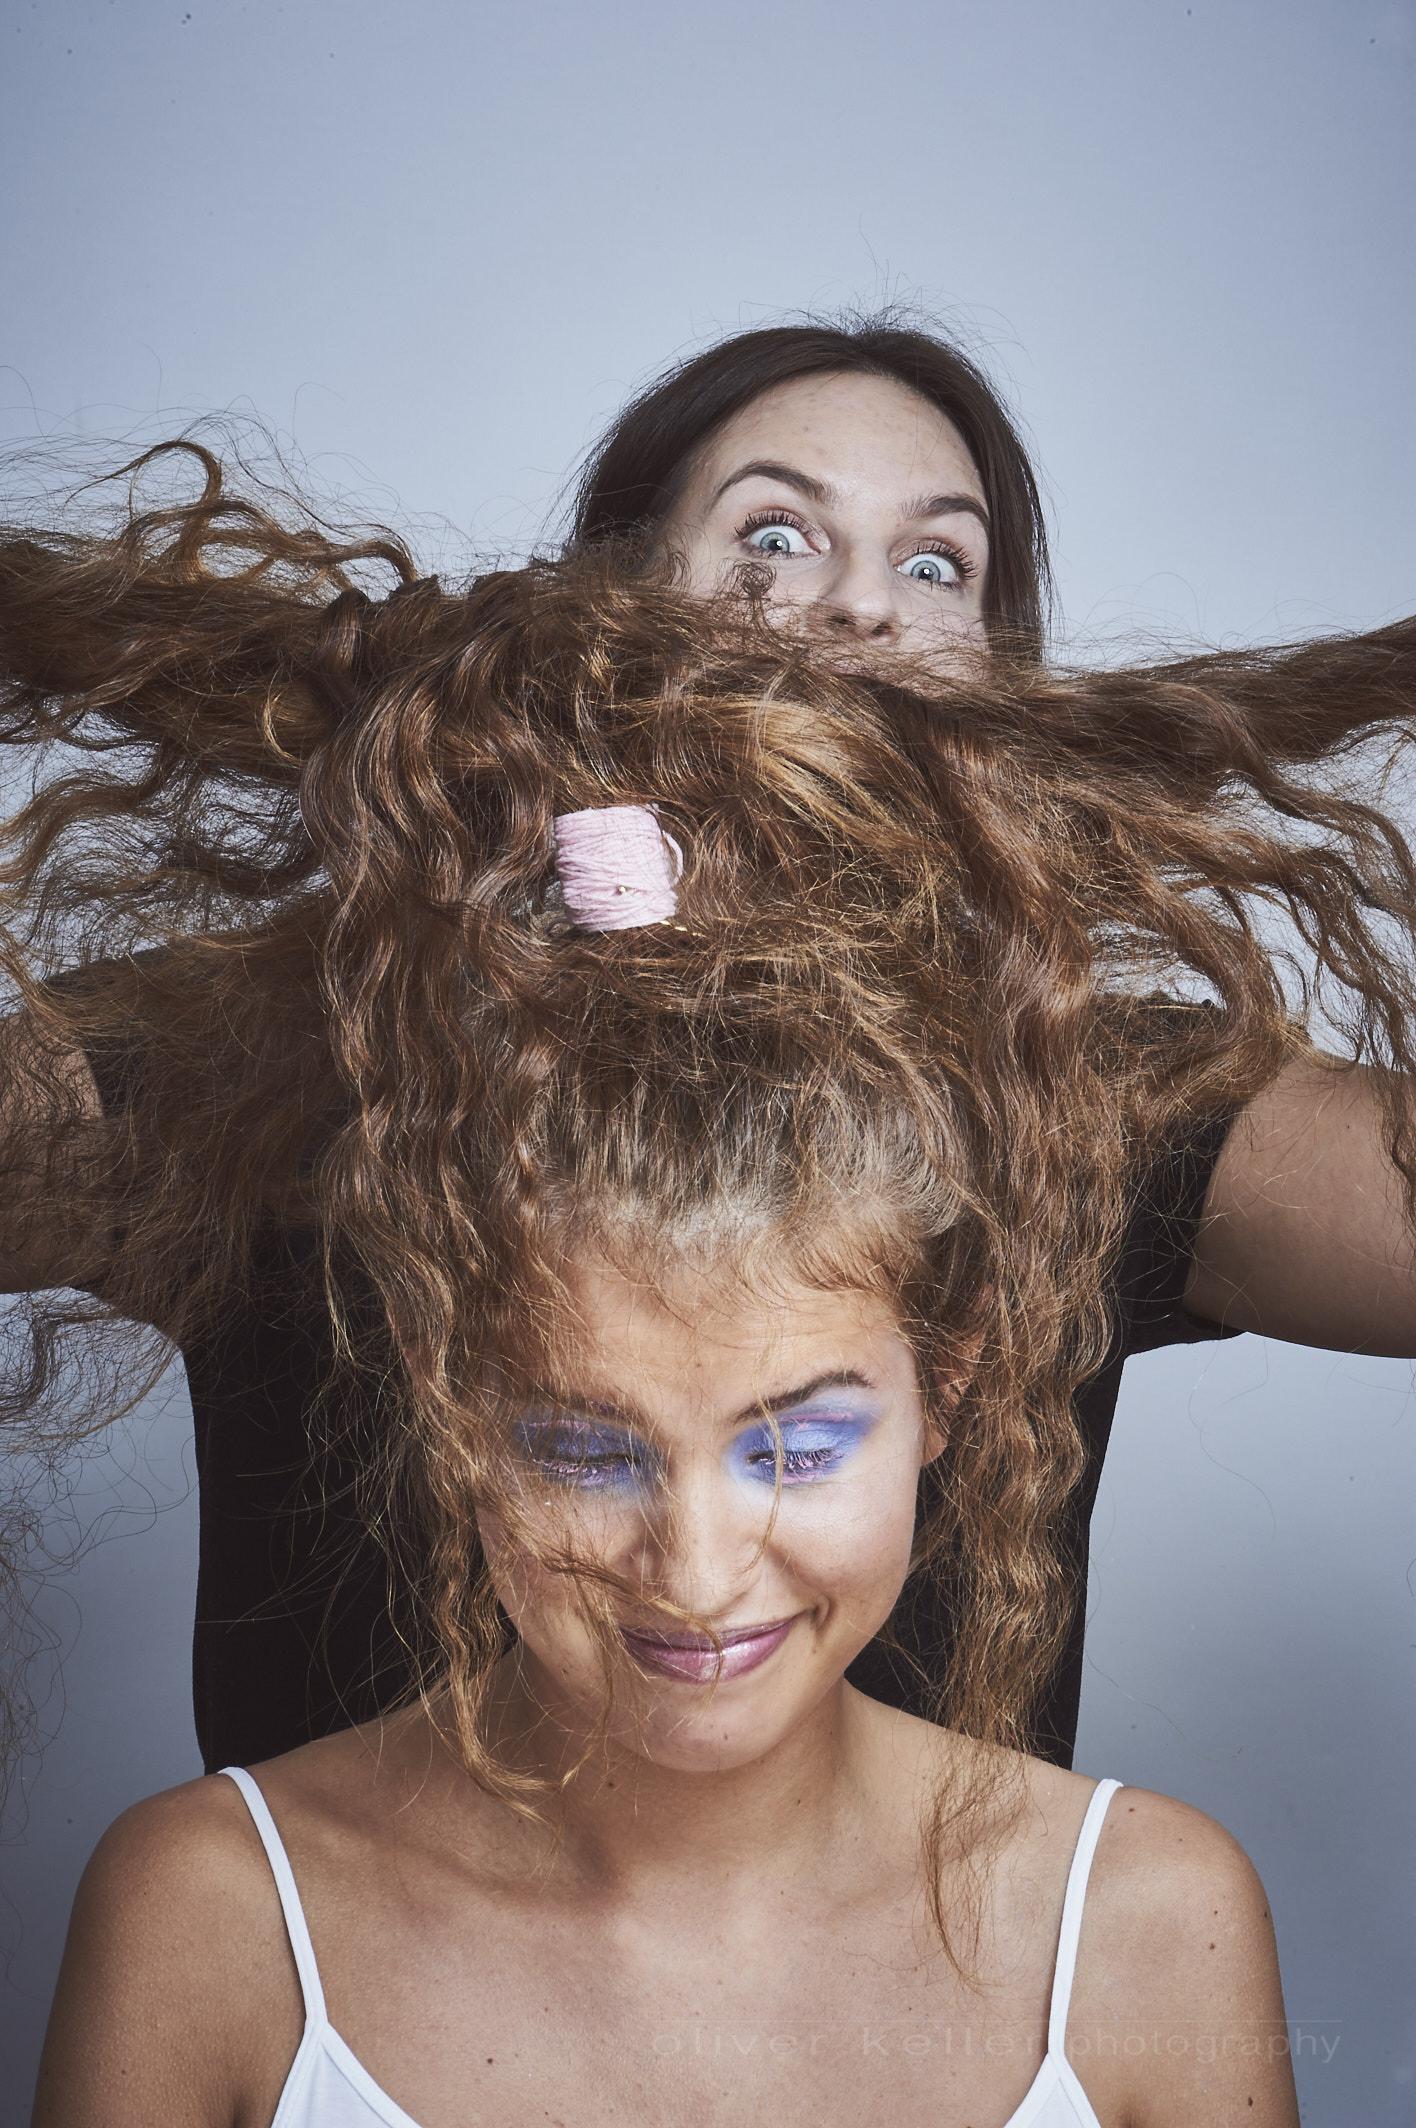 2019-02-14-pastel-make-up-Rebekka4244.jpg